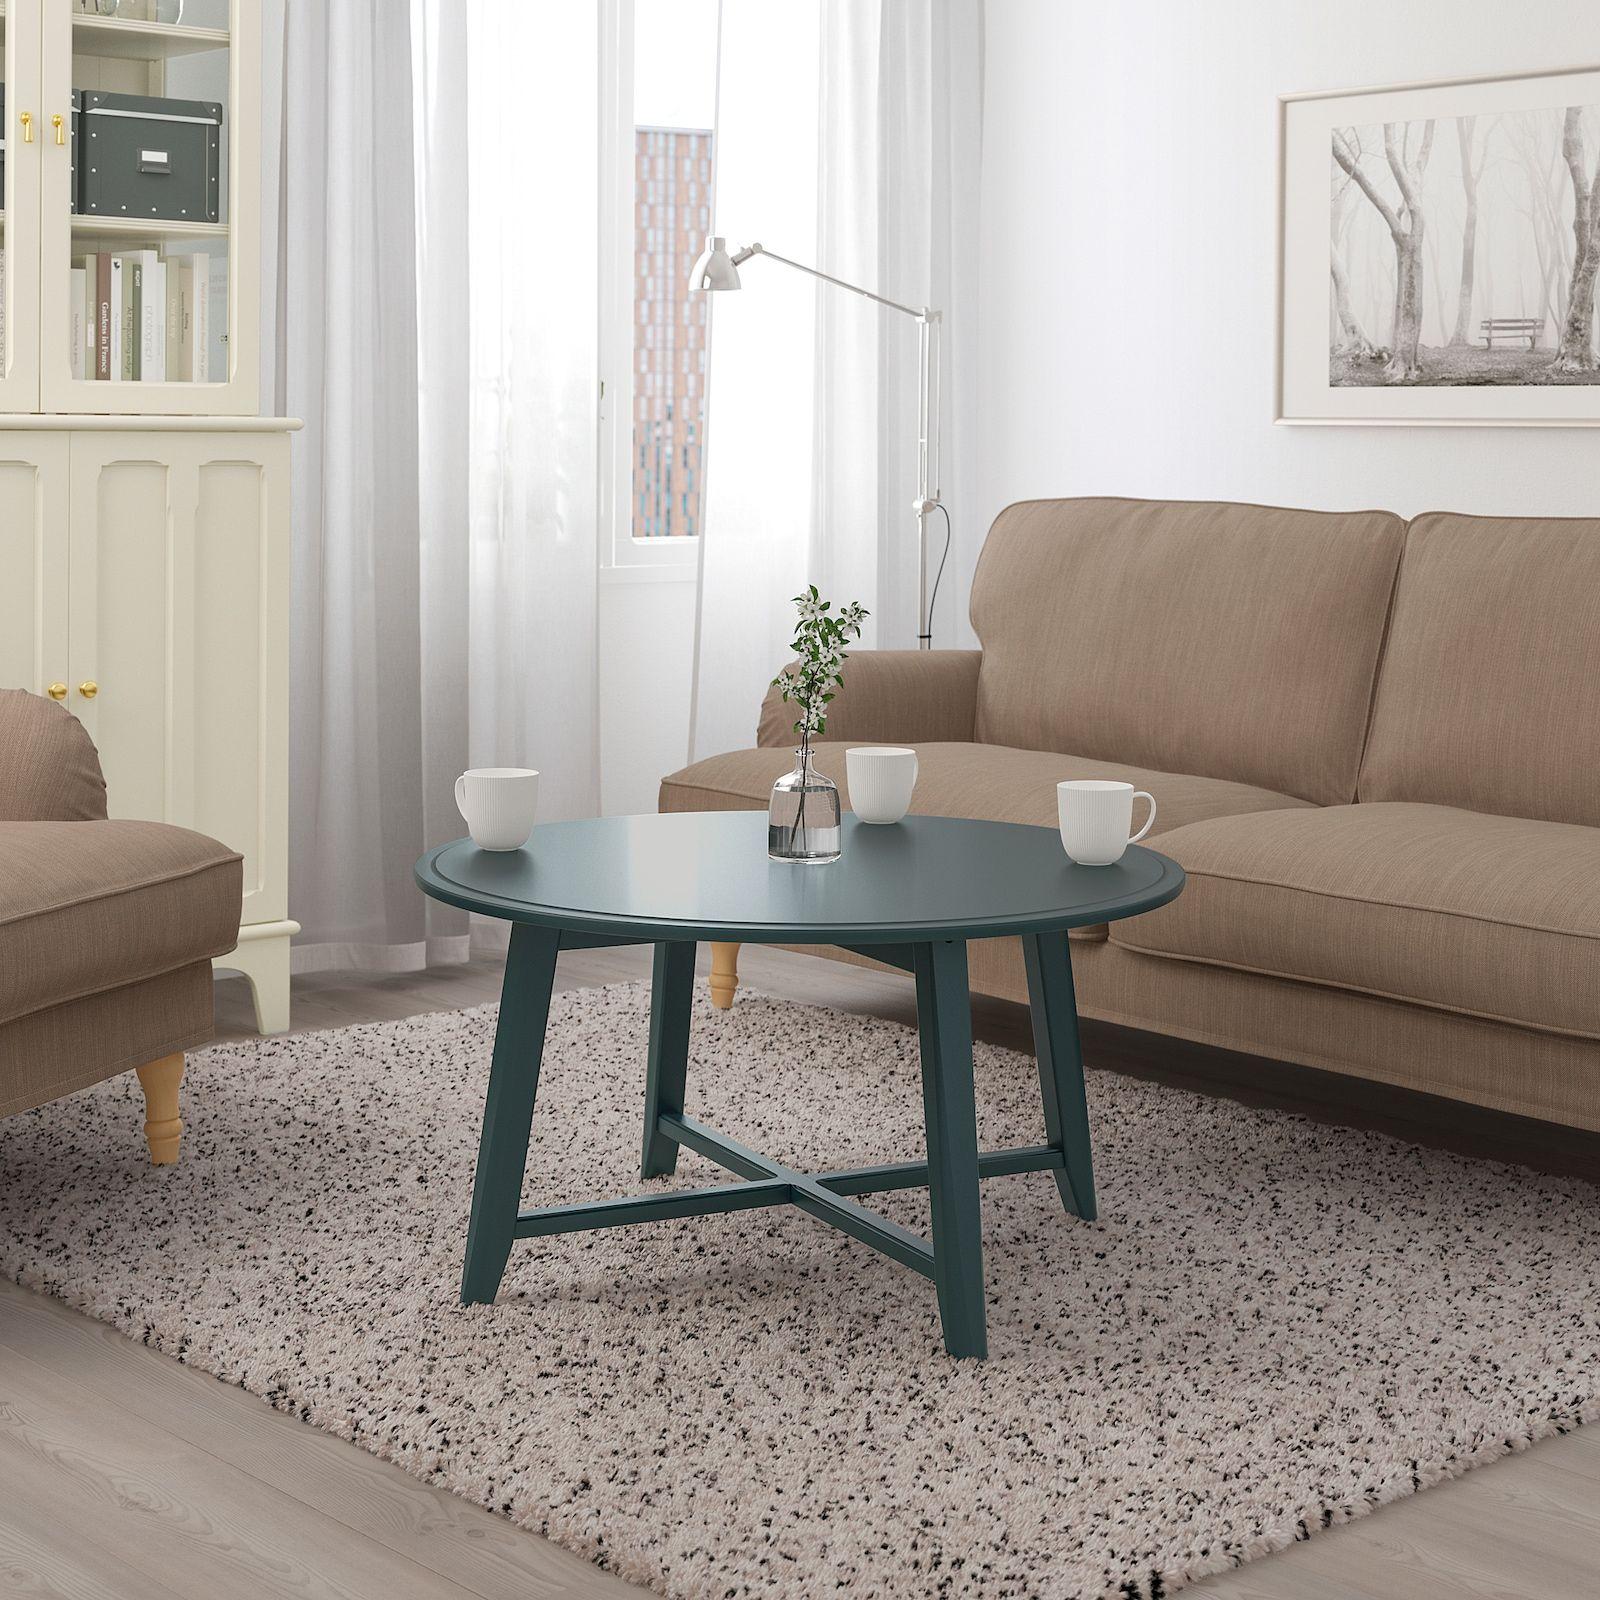 Kragsta Coffee Table Dark Blue Green 35 3 8 Ikea In 2021 Coffee Table Blue Coffee Tables Side Table Wood [ 1600 x 1600 Pixel ]